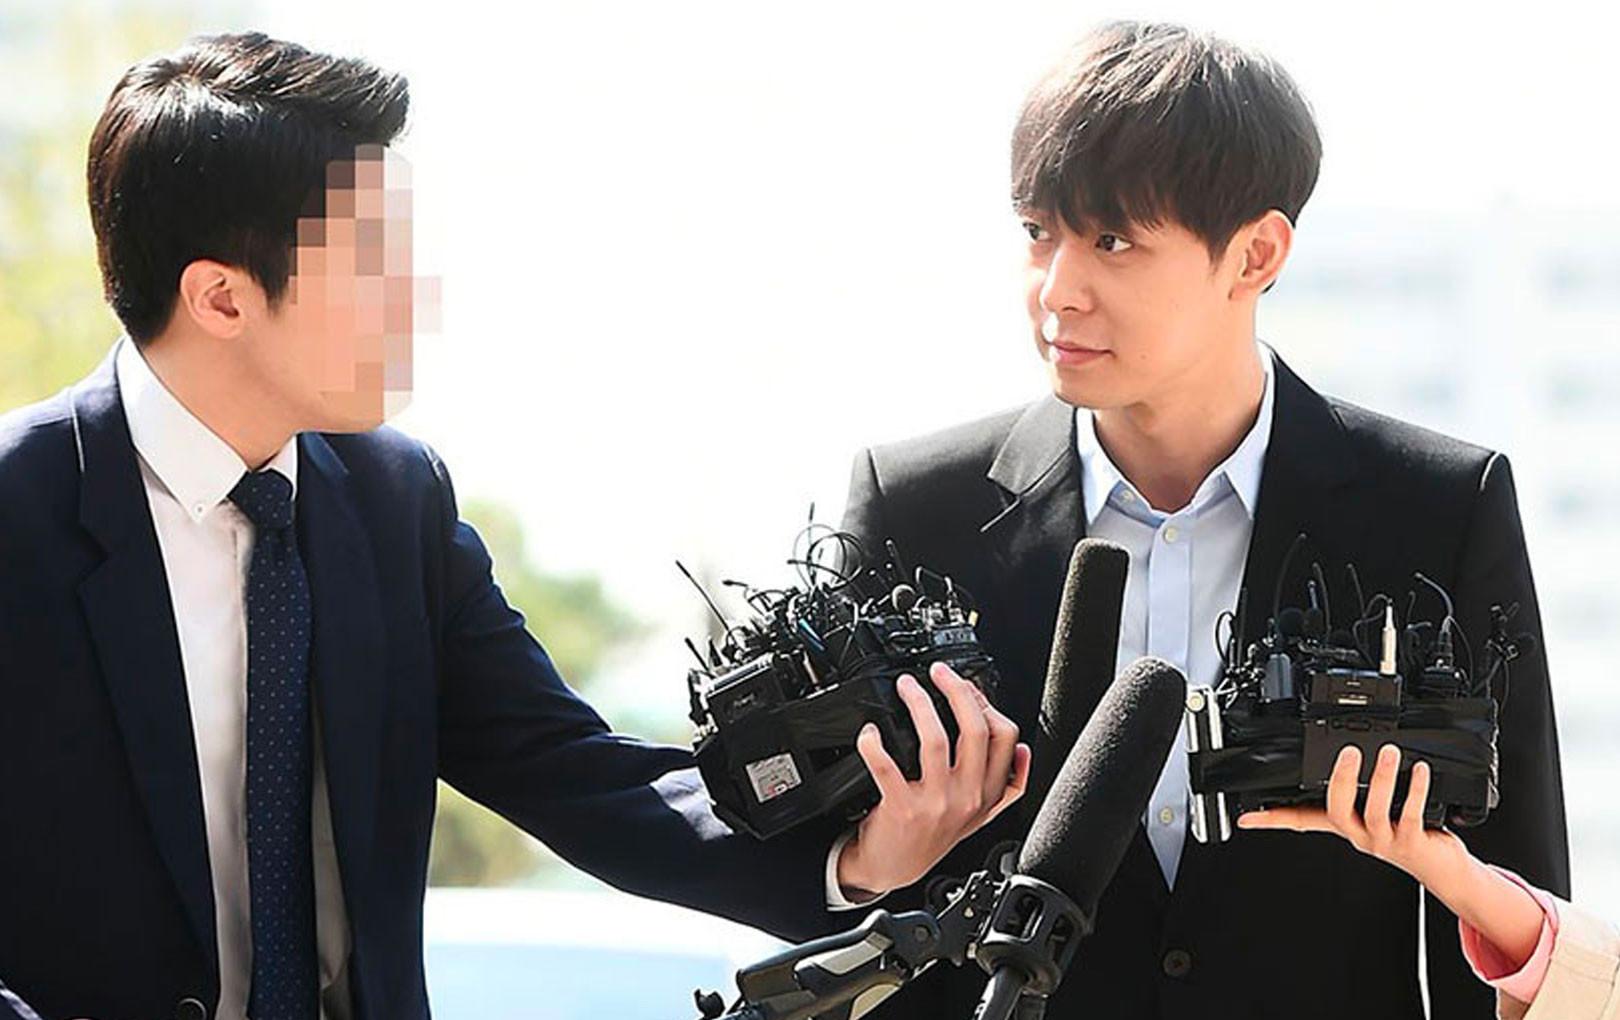 NÓNG: Cảnh sát có trong tay CCTV chứng minh Yoochun lén lút mua bán chất cấm?